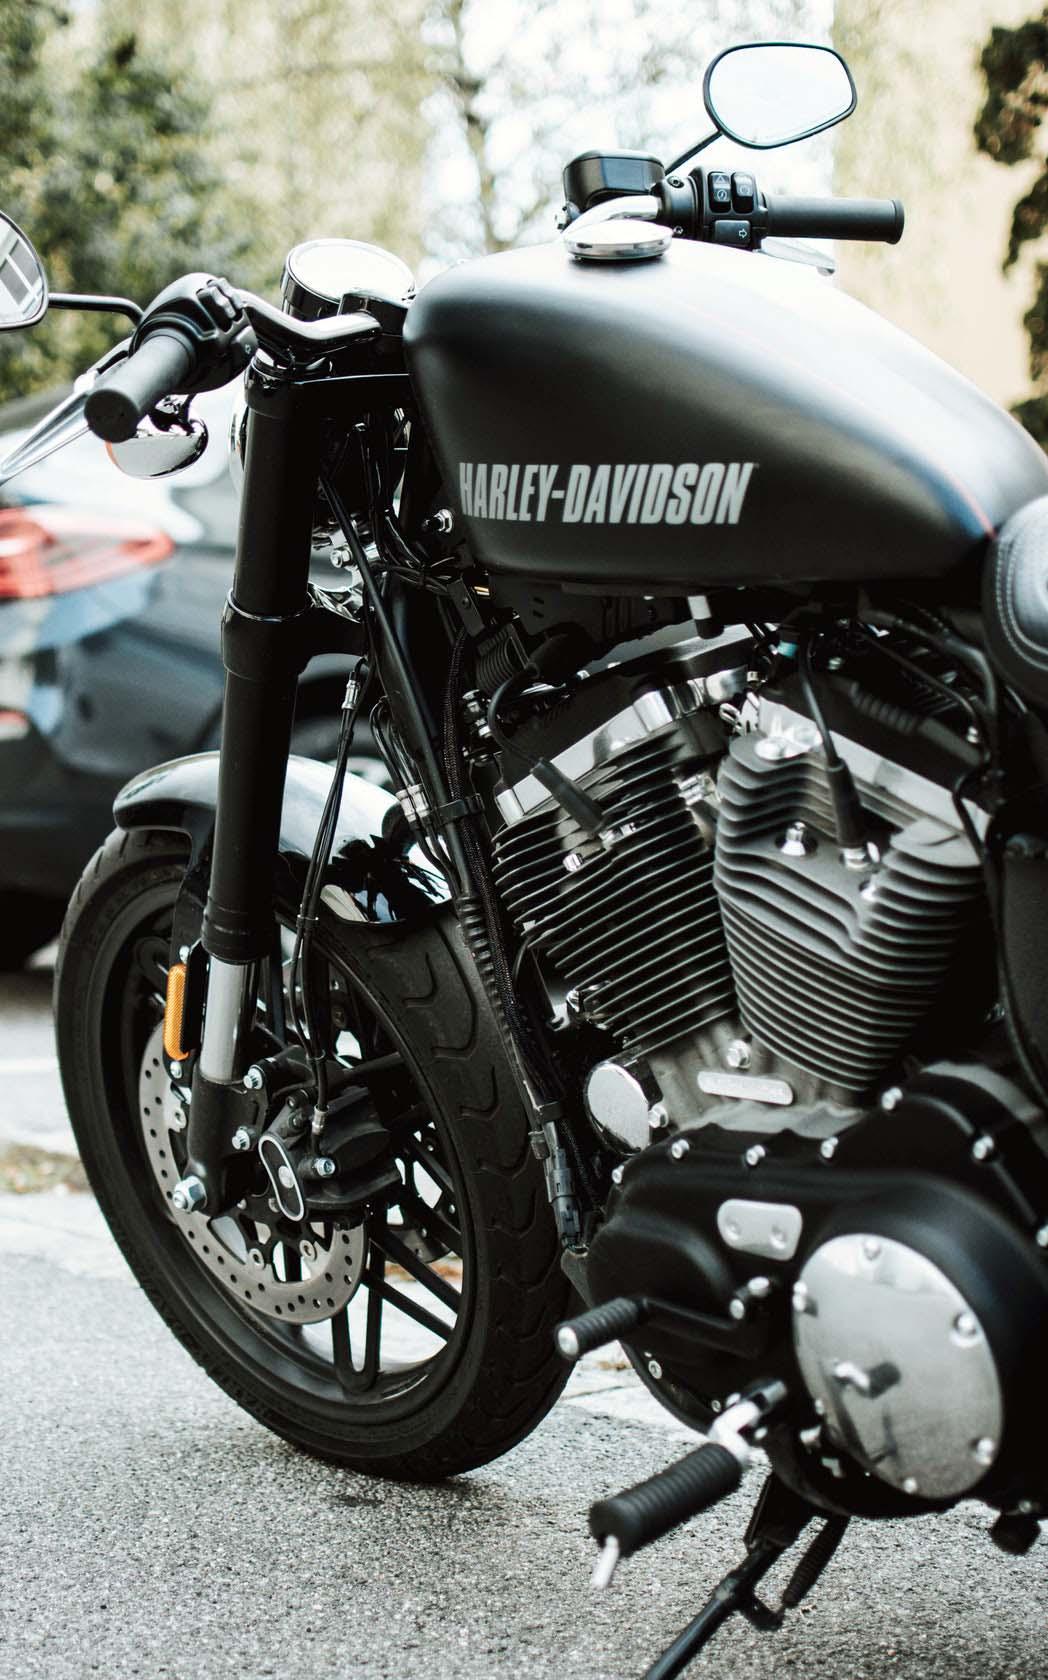 Motosiklet Motoru Nasıl Çalışır?